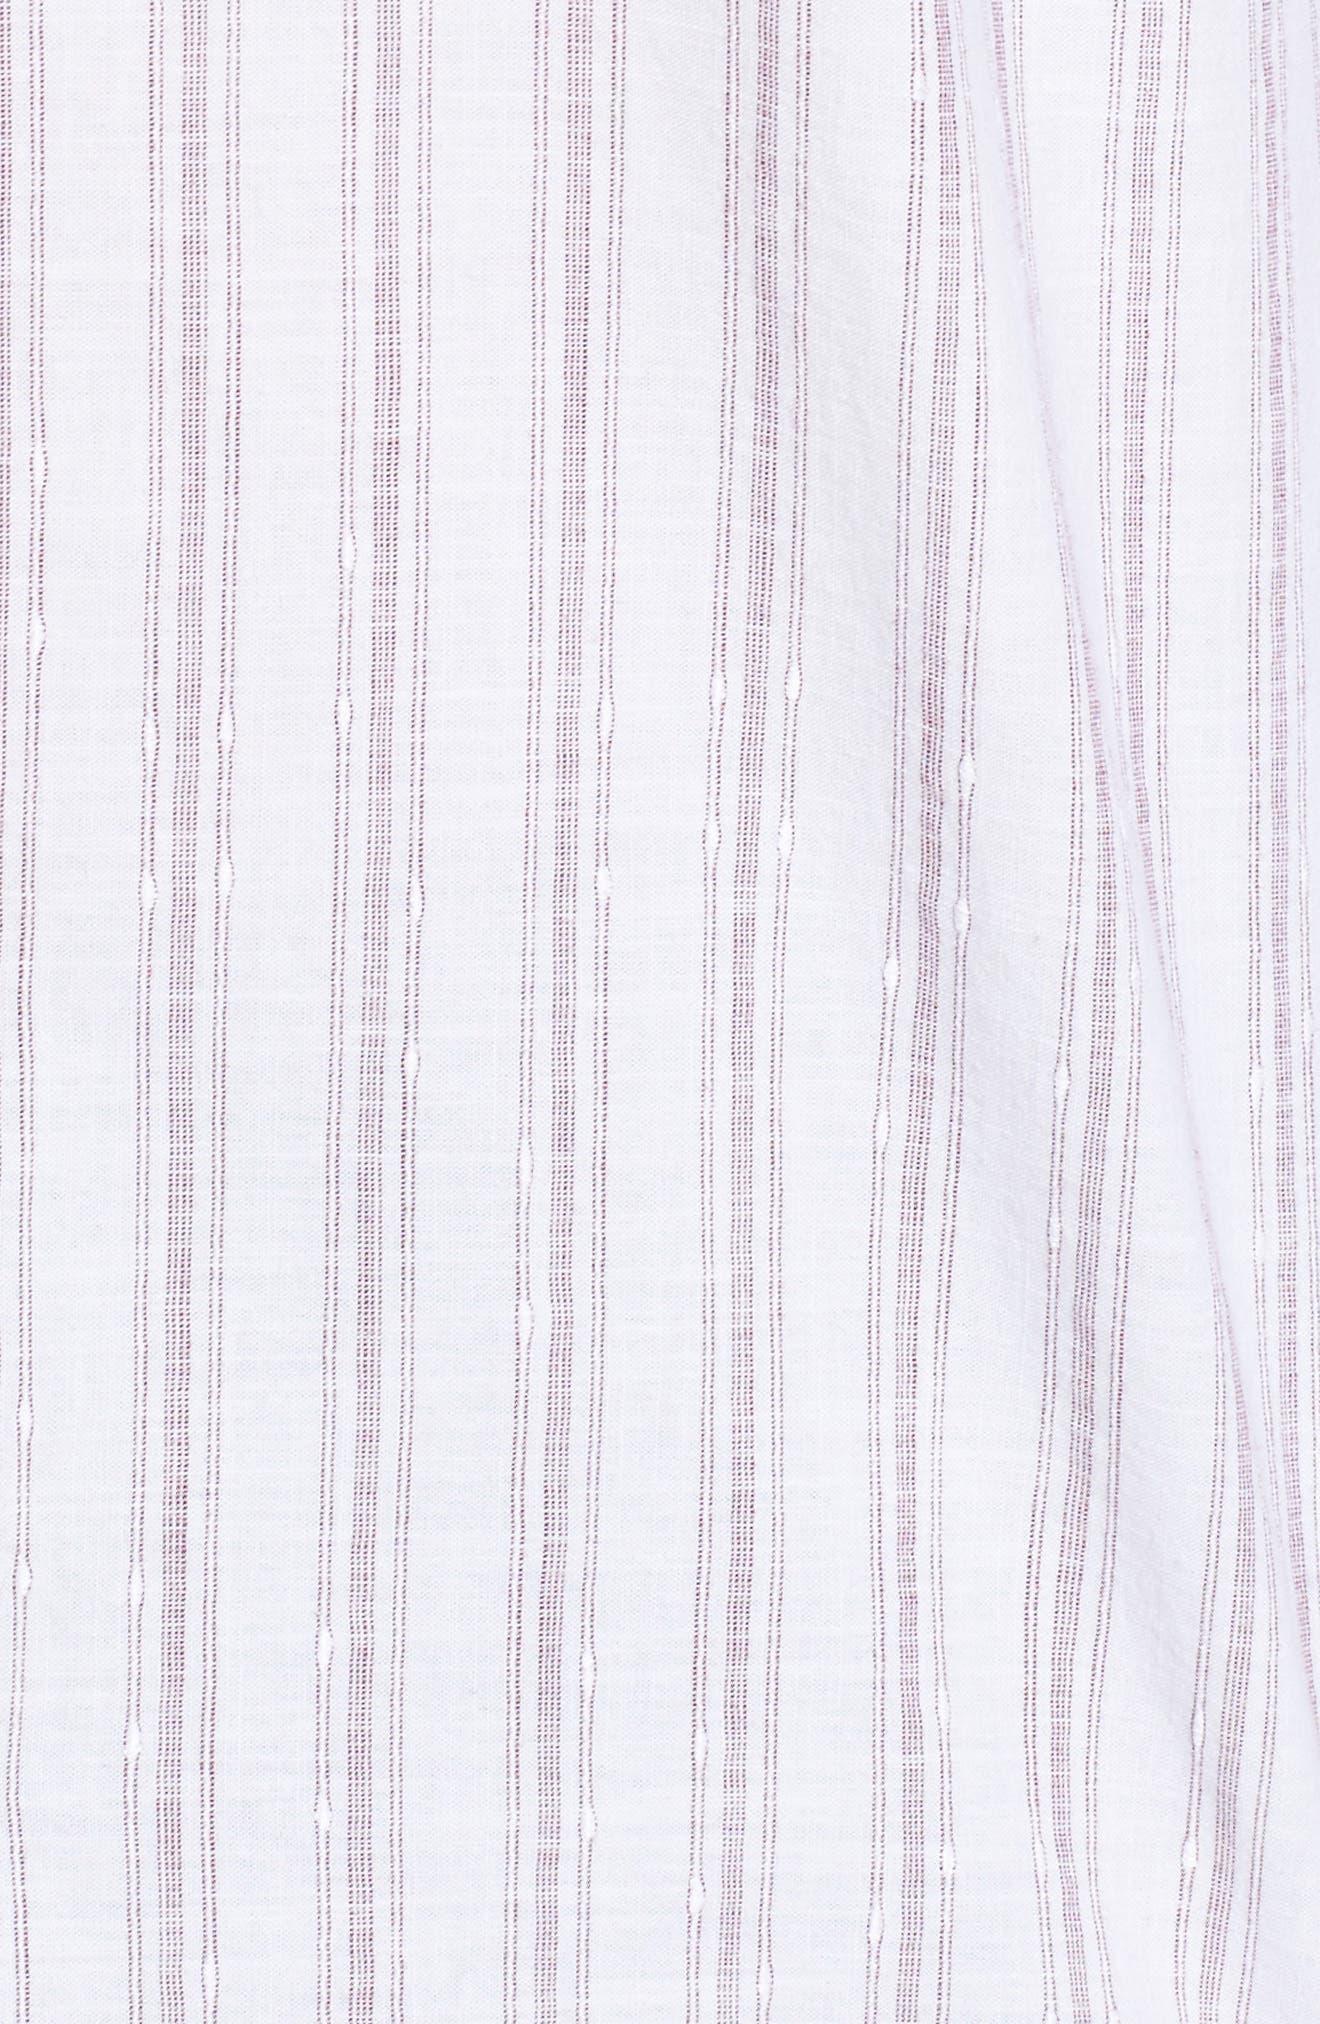 John T Slim Fit Sport Shirt,                             Alternate thumbnail 5, color,                             Blue/ Nat